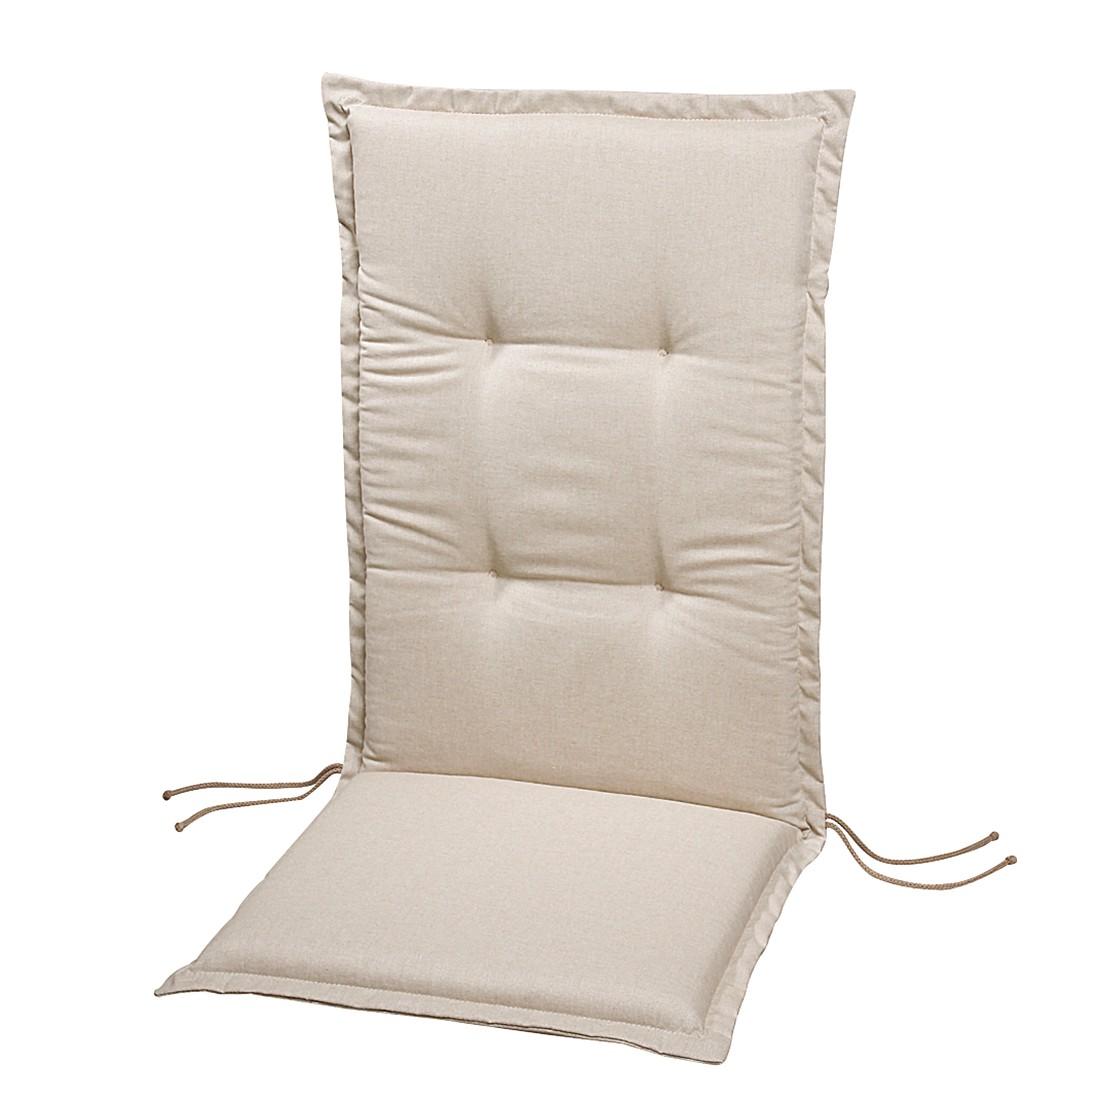 Polsterauflage Lorelai – Beige – Deck-Chair – 144 x 50 cm, Best Freizeitmöbel online kaufen